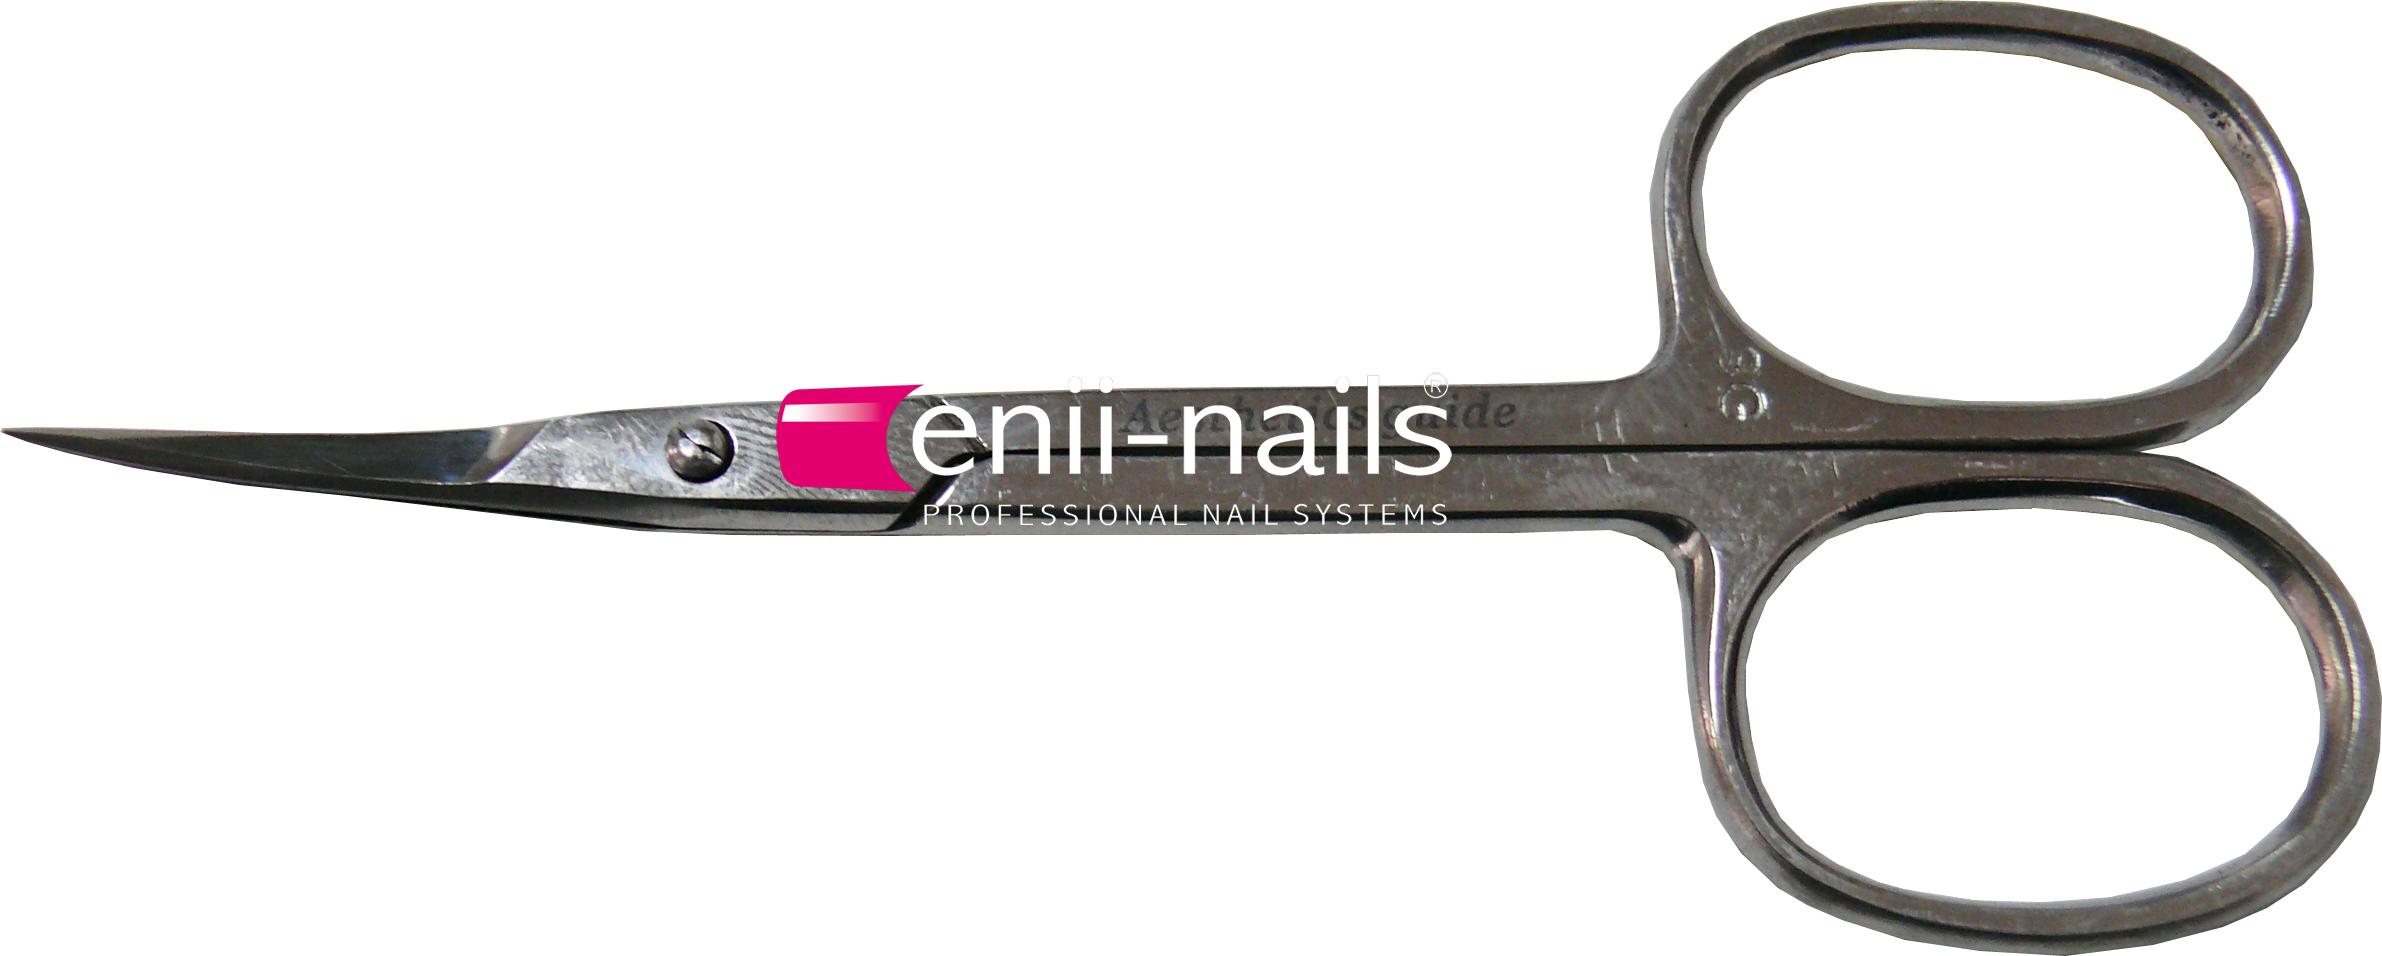 ENII-NAILS Nůžky na kůžičku 10 cm zahlé